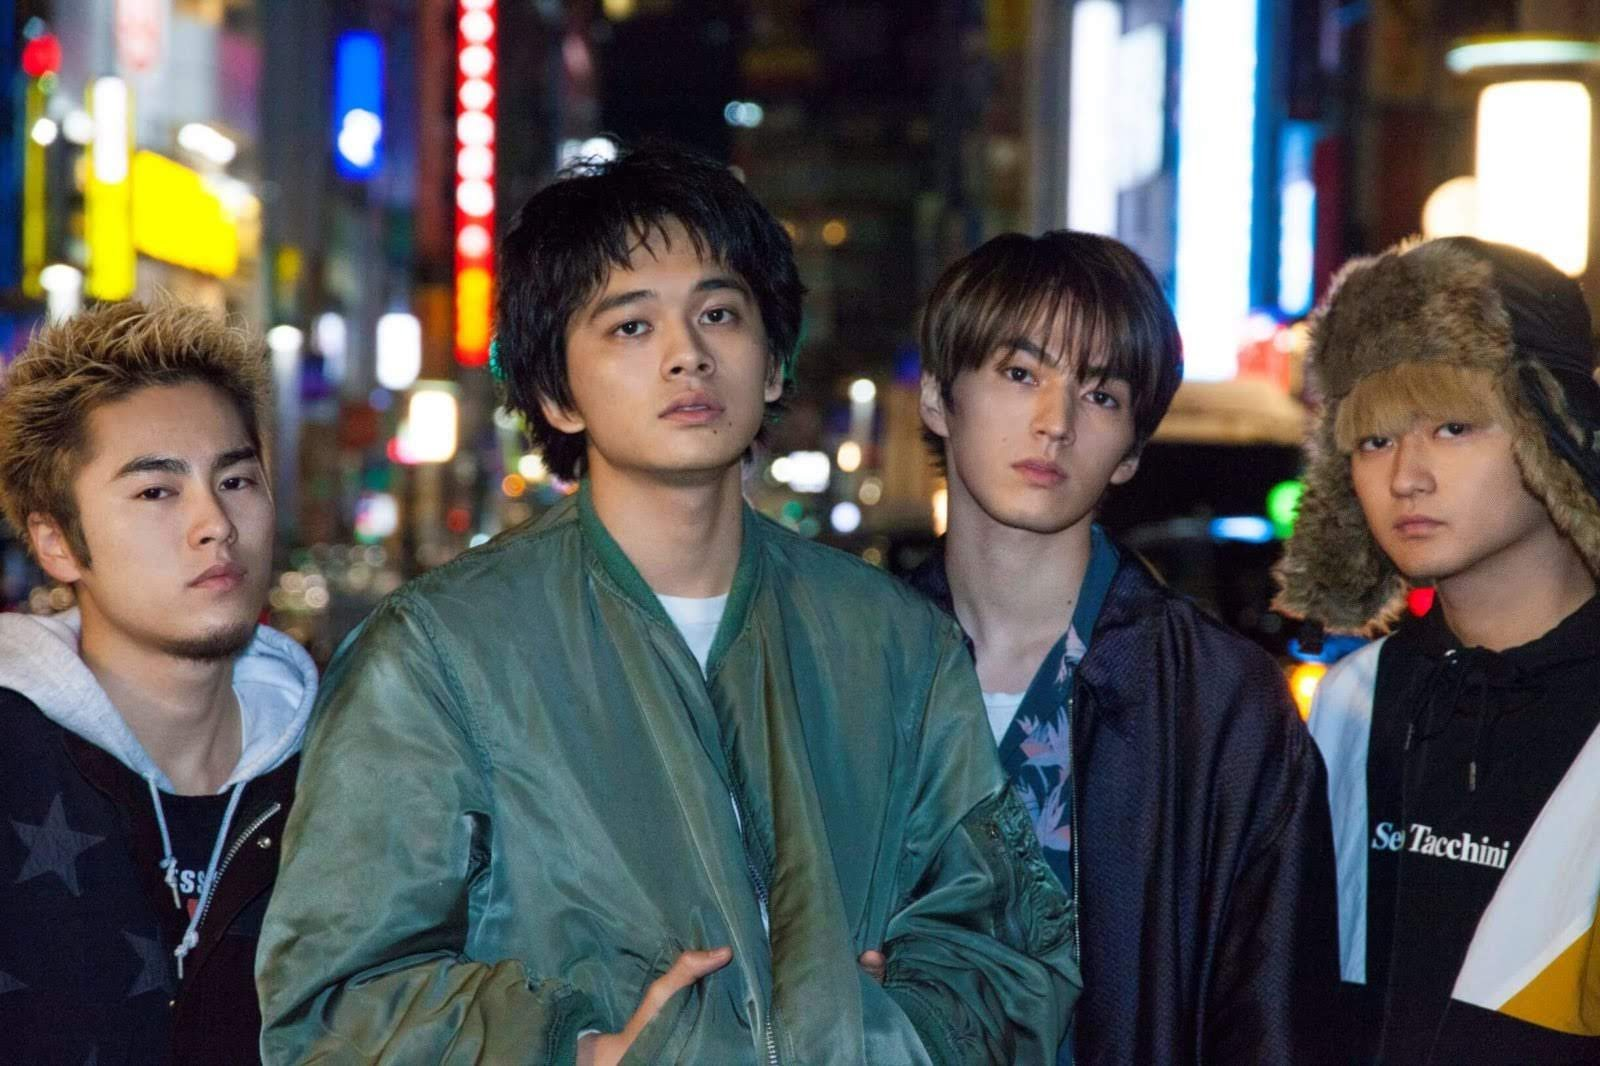 (有片) DISH// 新作《CIRCLE》發行向台灣樂迷打招呼 愛桑拿成痴寫「桑拿之歌」